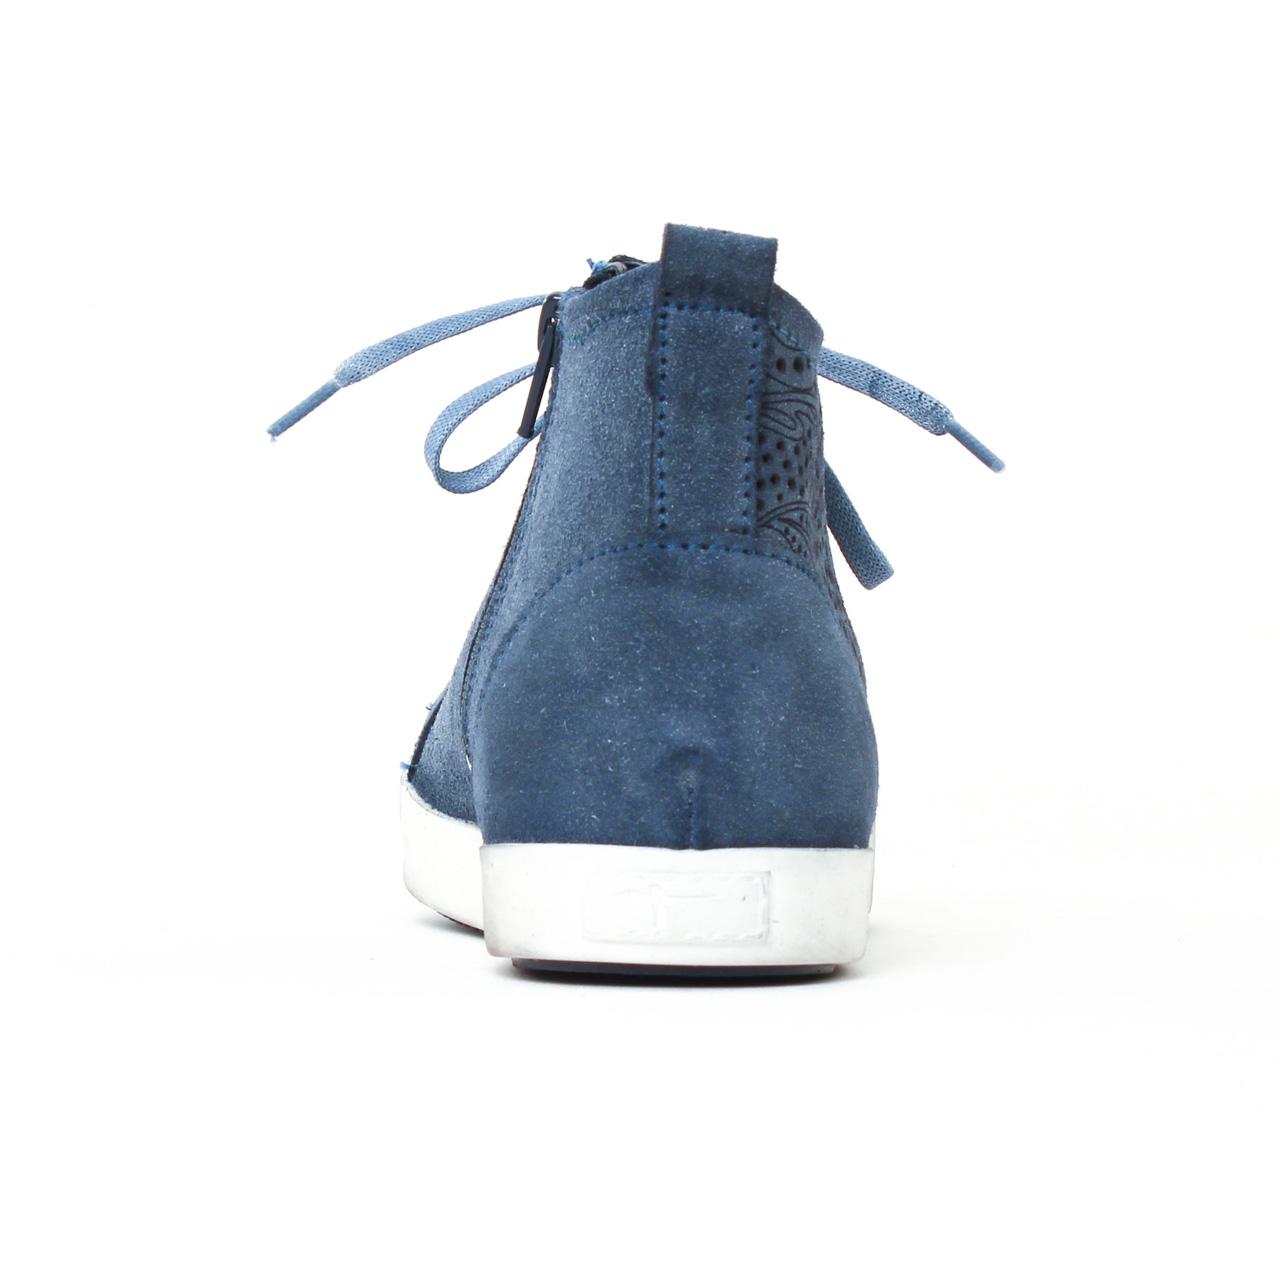 baskets mode bleu mode femme printemps été 2017 vue 7